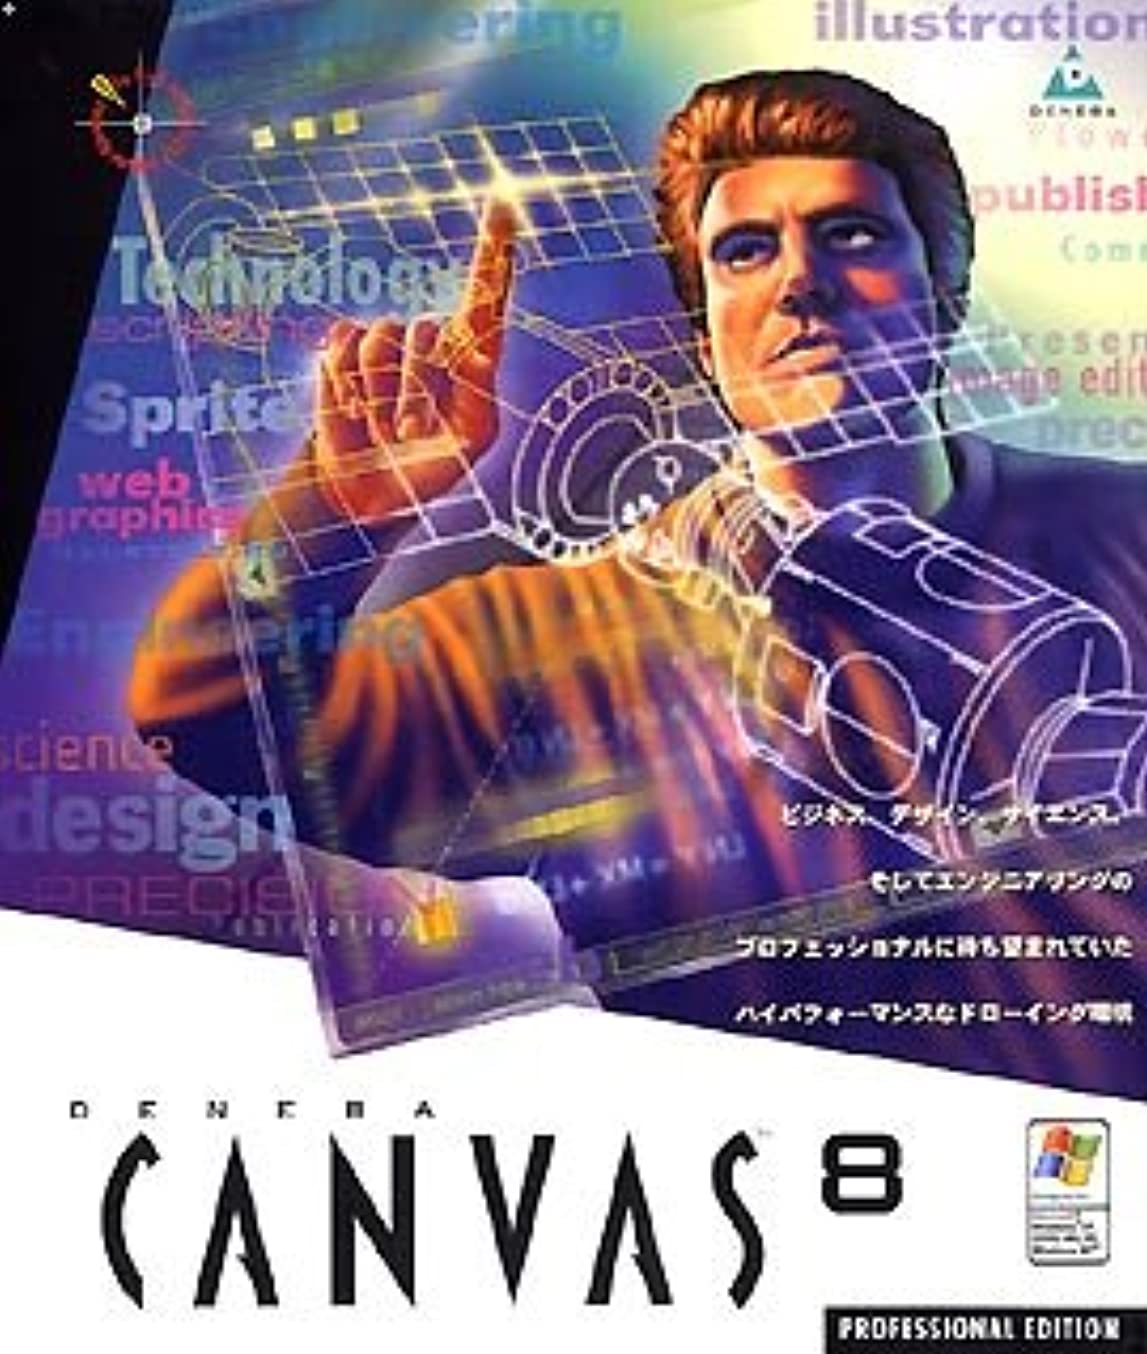 ホップ縮れた放置CANVAS 8J Win PROFESSIONAL EDITION スペシャル版